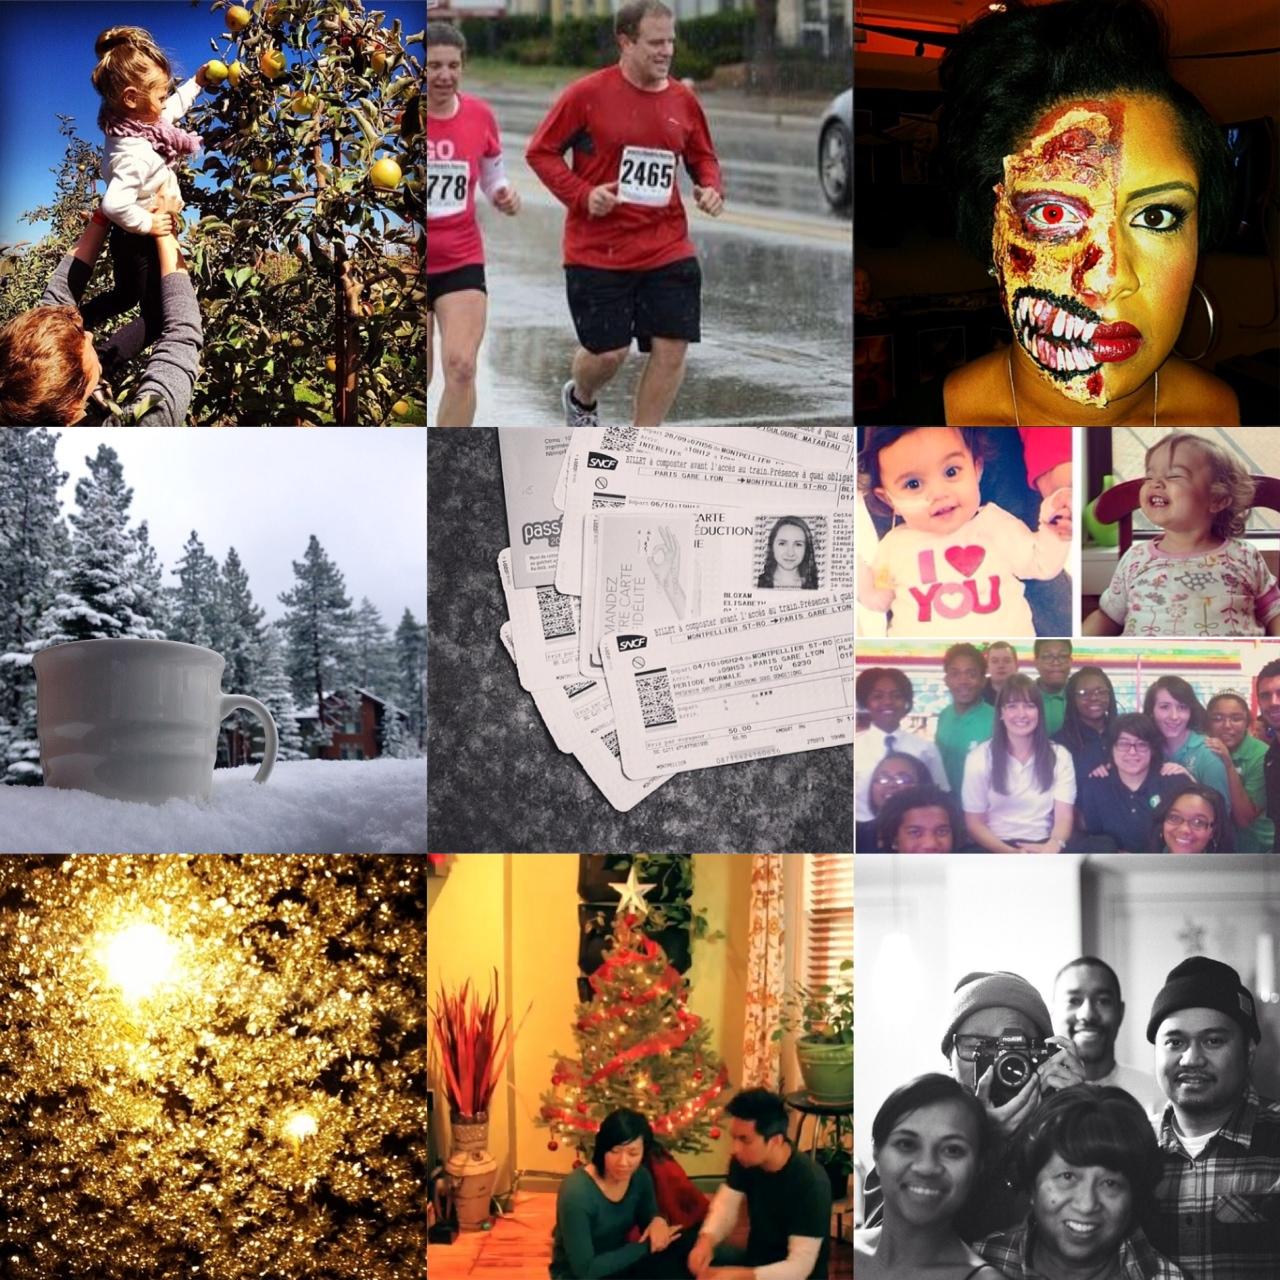 Conclusion: Kate Bolduan Instagram Challenge 2013